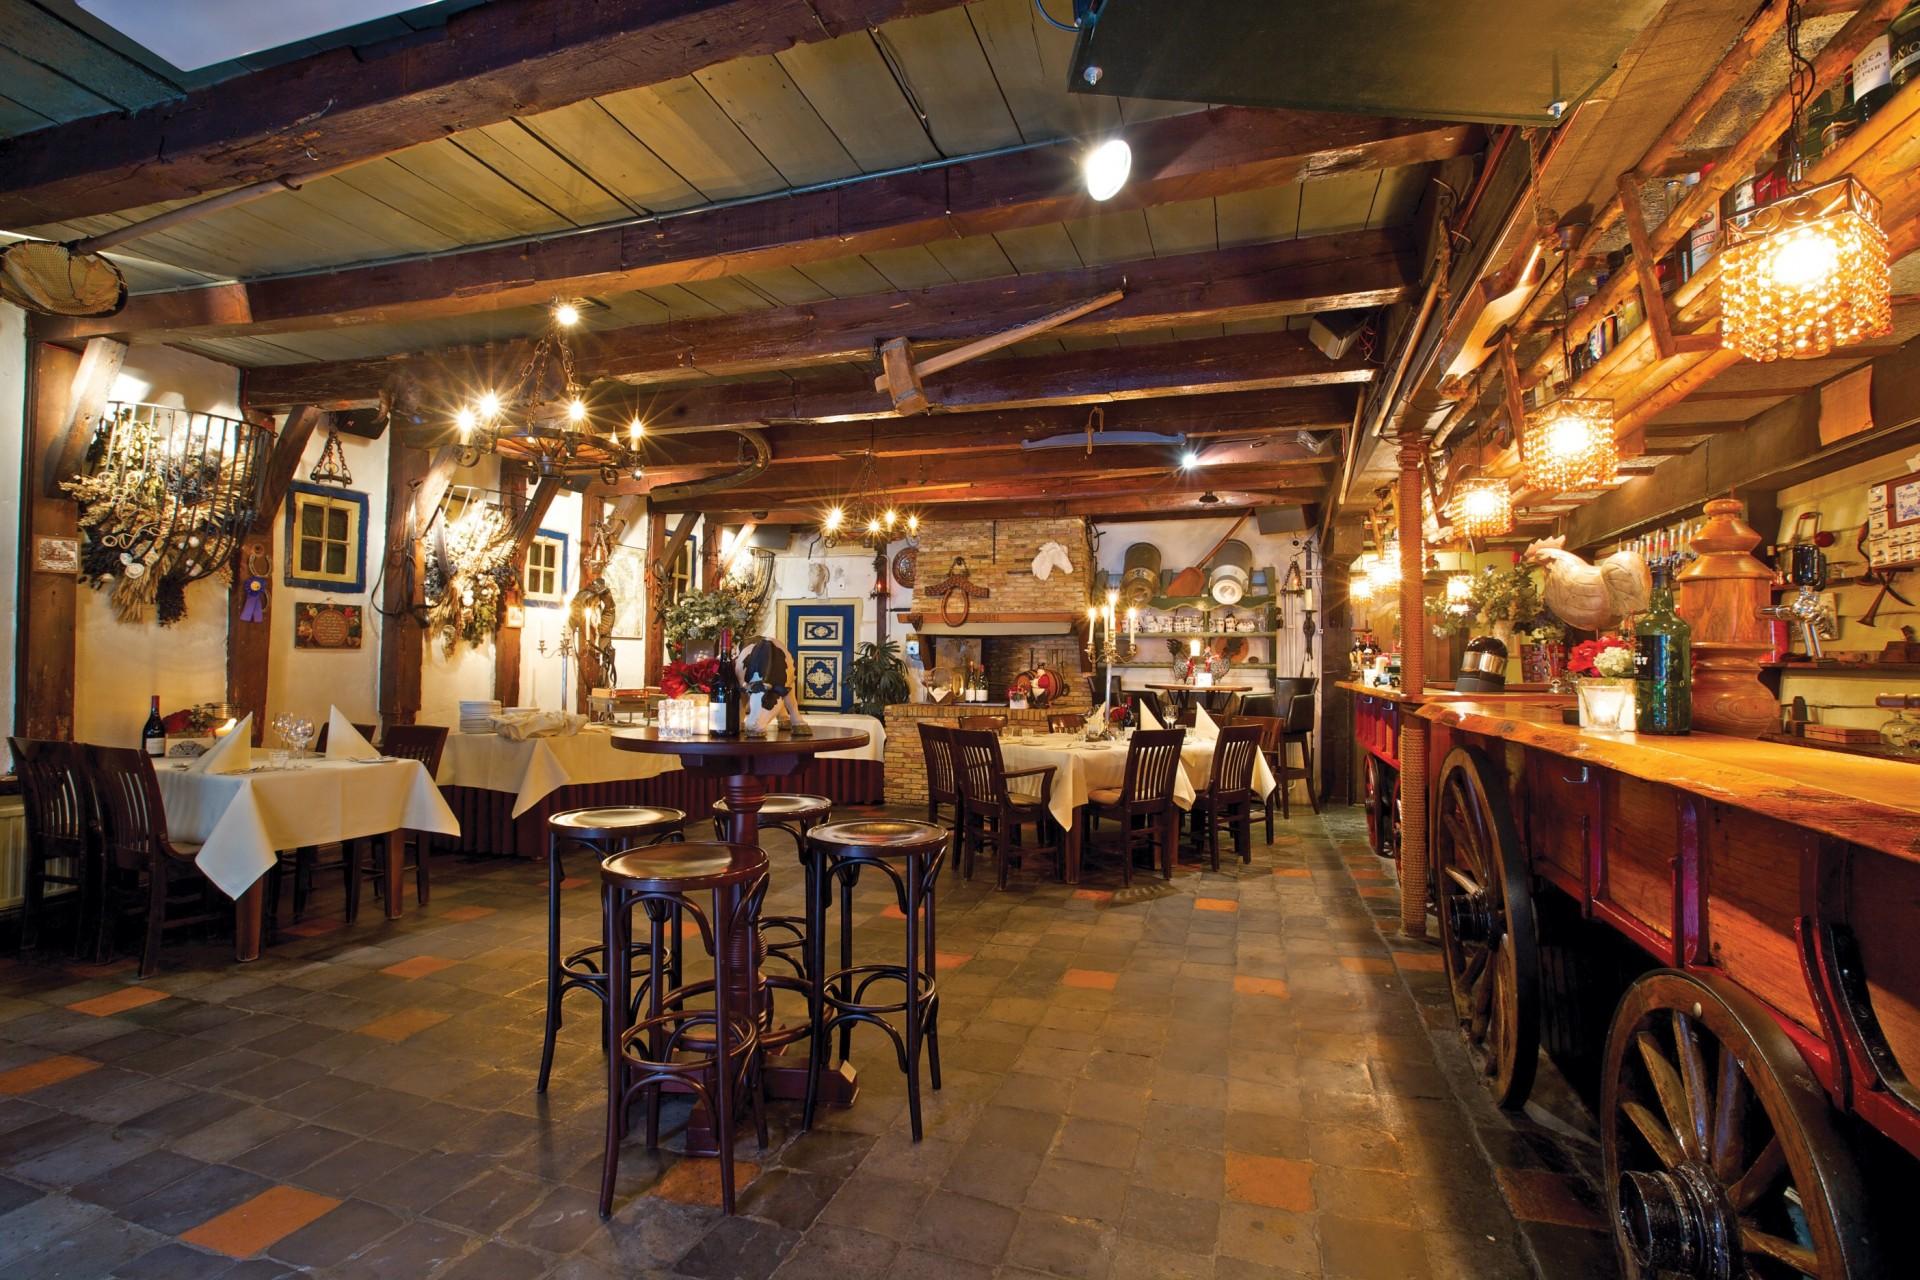 Nadorst-restaurant-uitspanning-faciliteiten-zalen-de-paardenstal-3